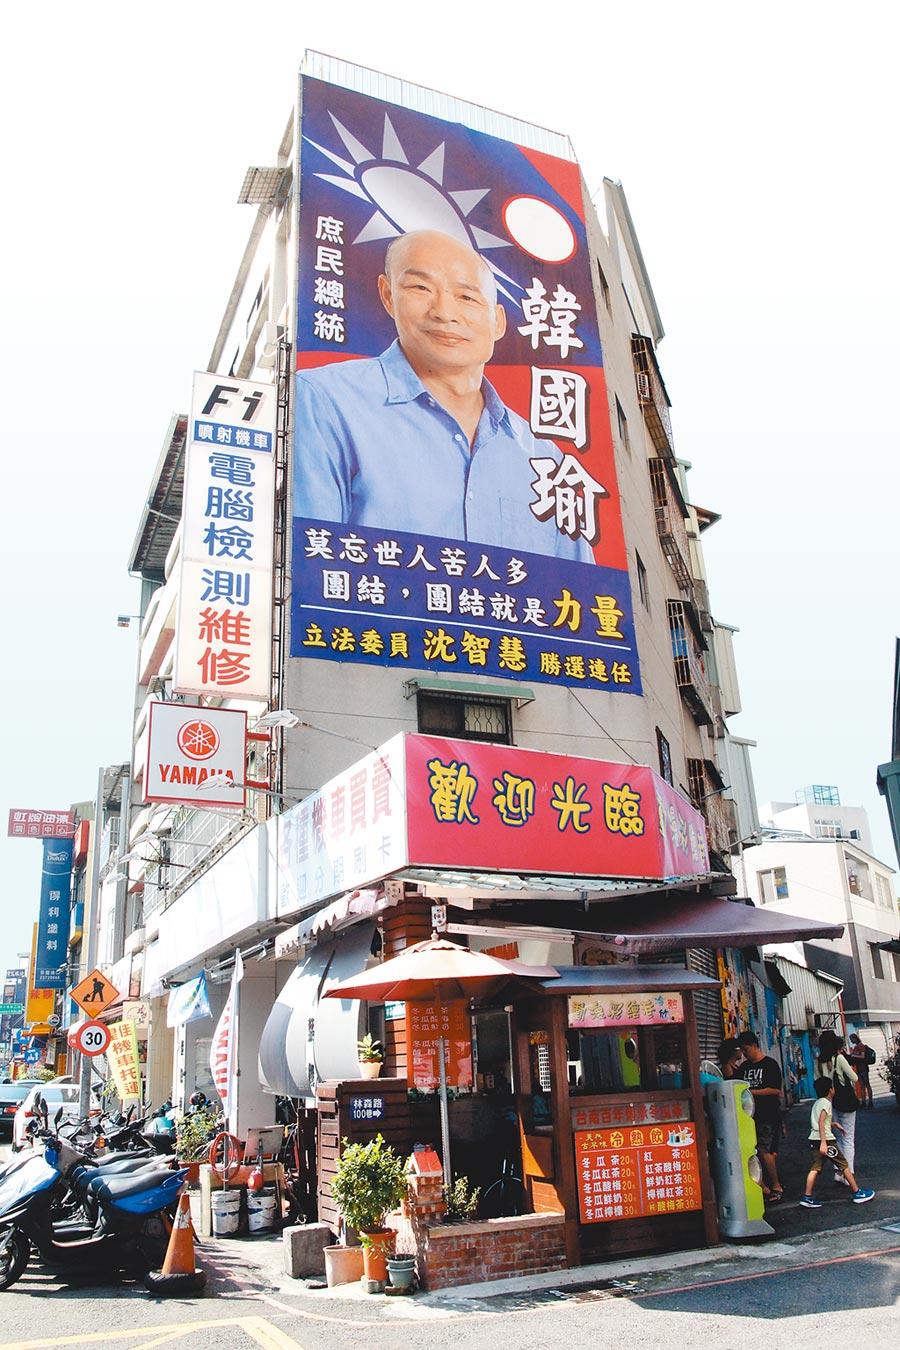 國民黨全代會正式提名高雄市長韓國瑜代表國民黨參選2020總統,台中市民眾自掏腰包製作3樓高的挺韓巨型海報,備受矚目。(陳淑芬攝)